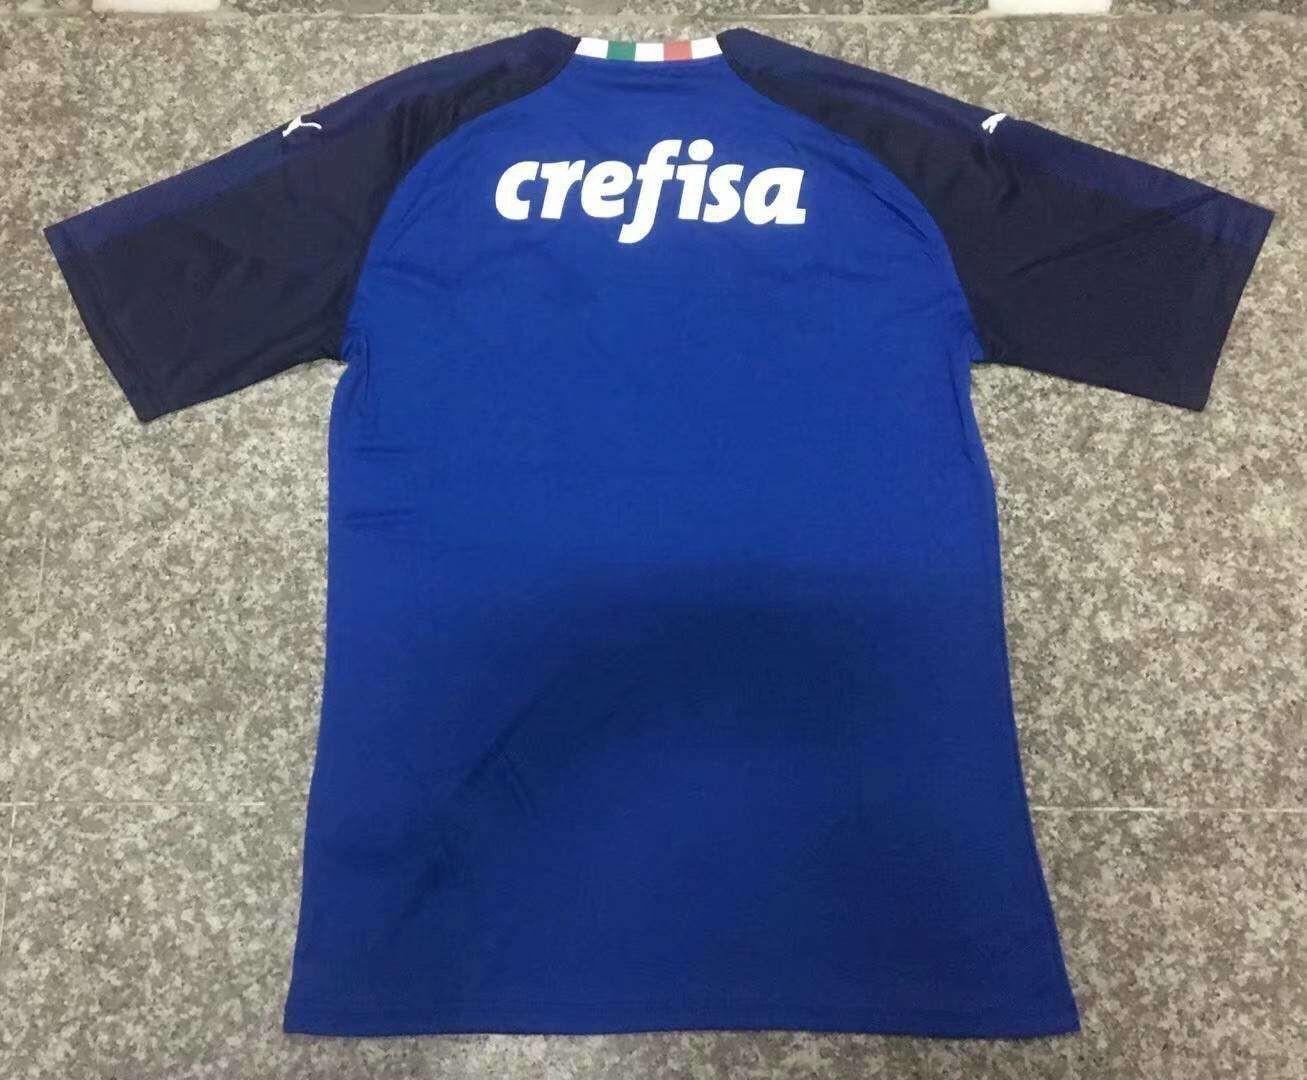 Brazil Dream League Soccer Kit,Brazil Kit Dream League Soccer,Palmeiras  Goalkeeper Soccer Jersey Blue 2019-2020